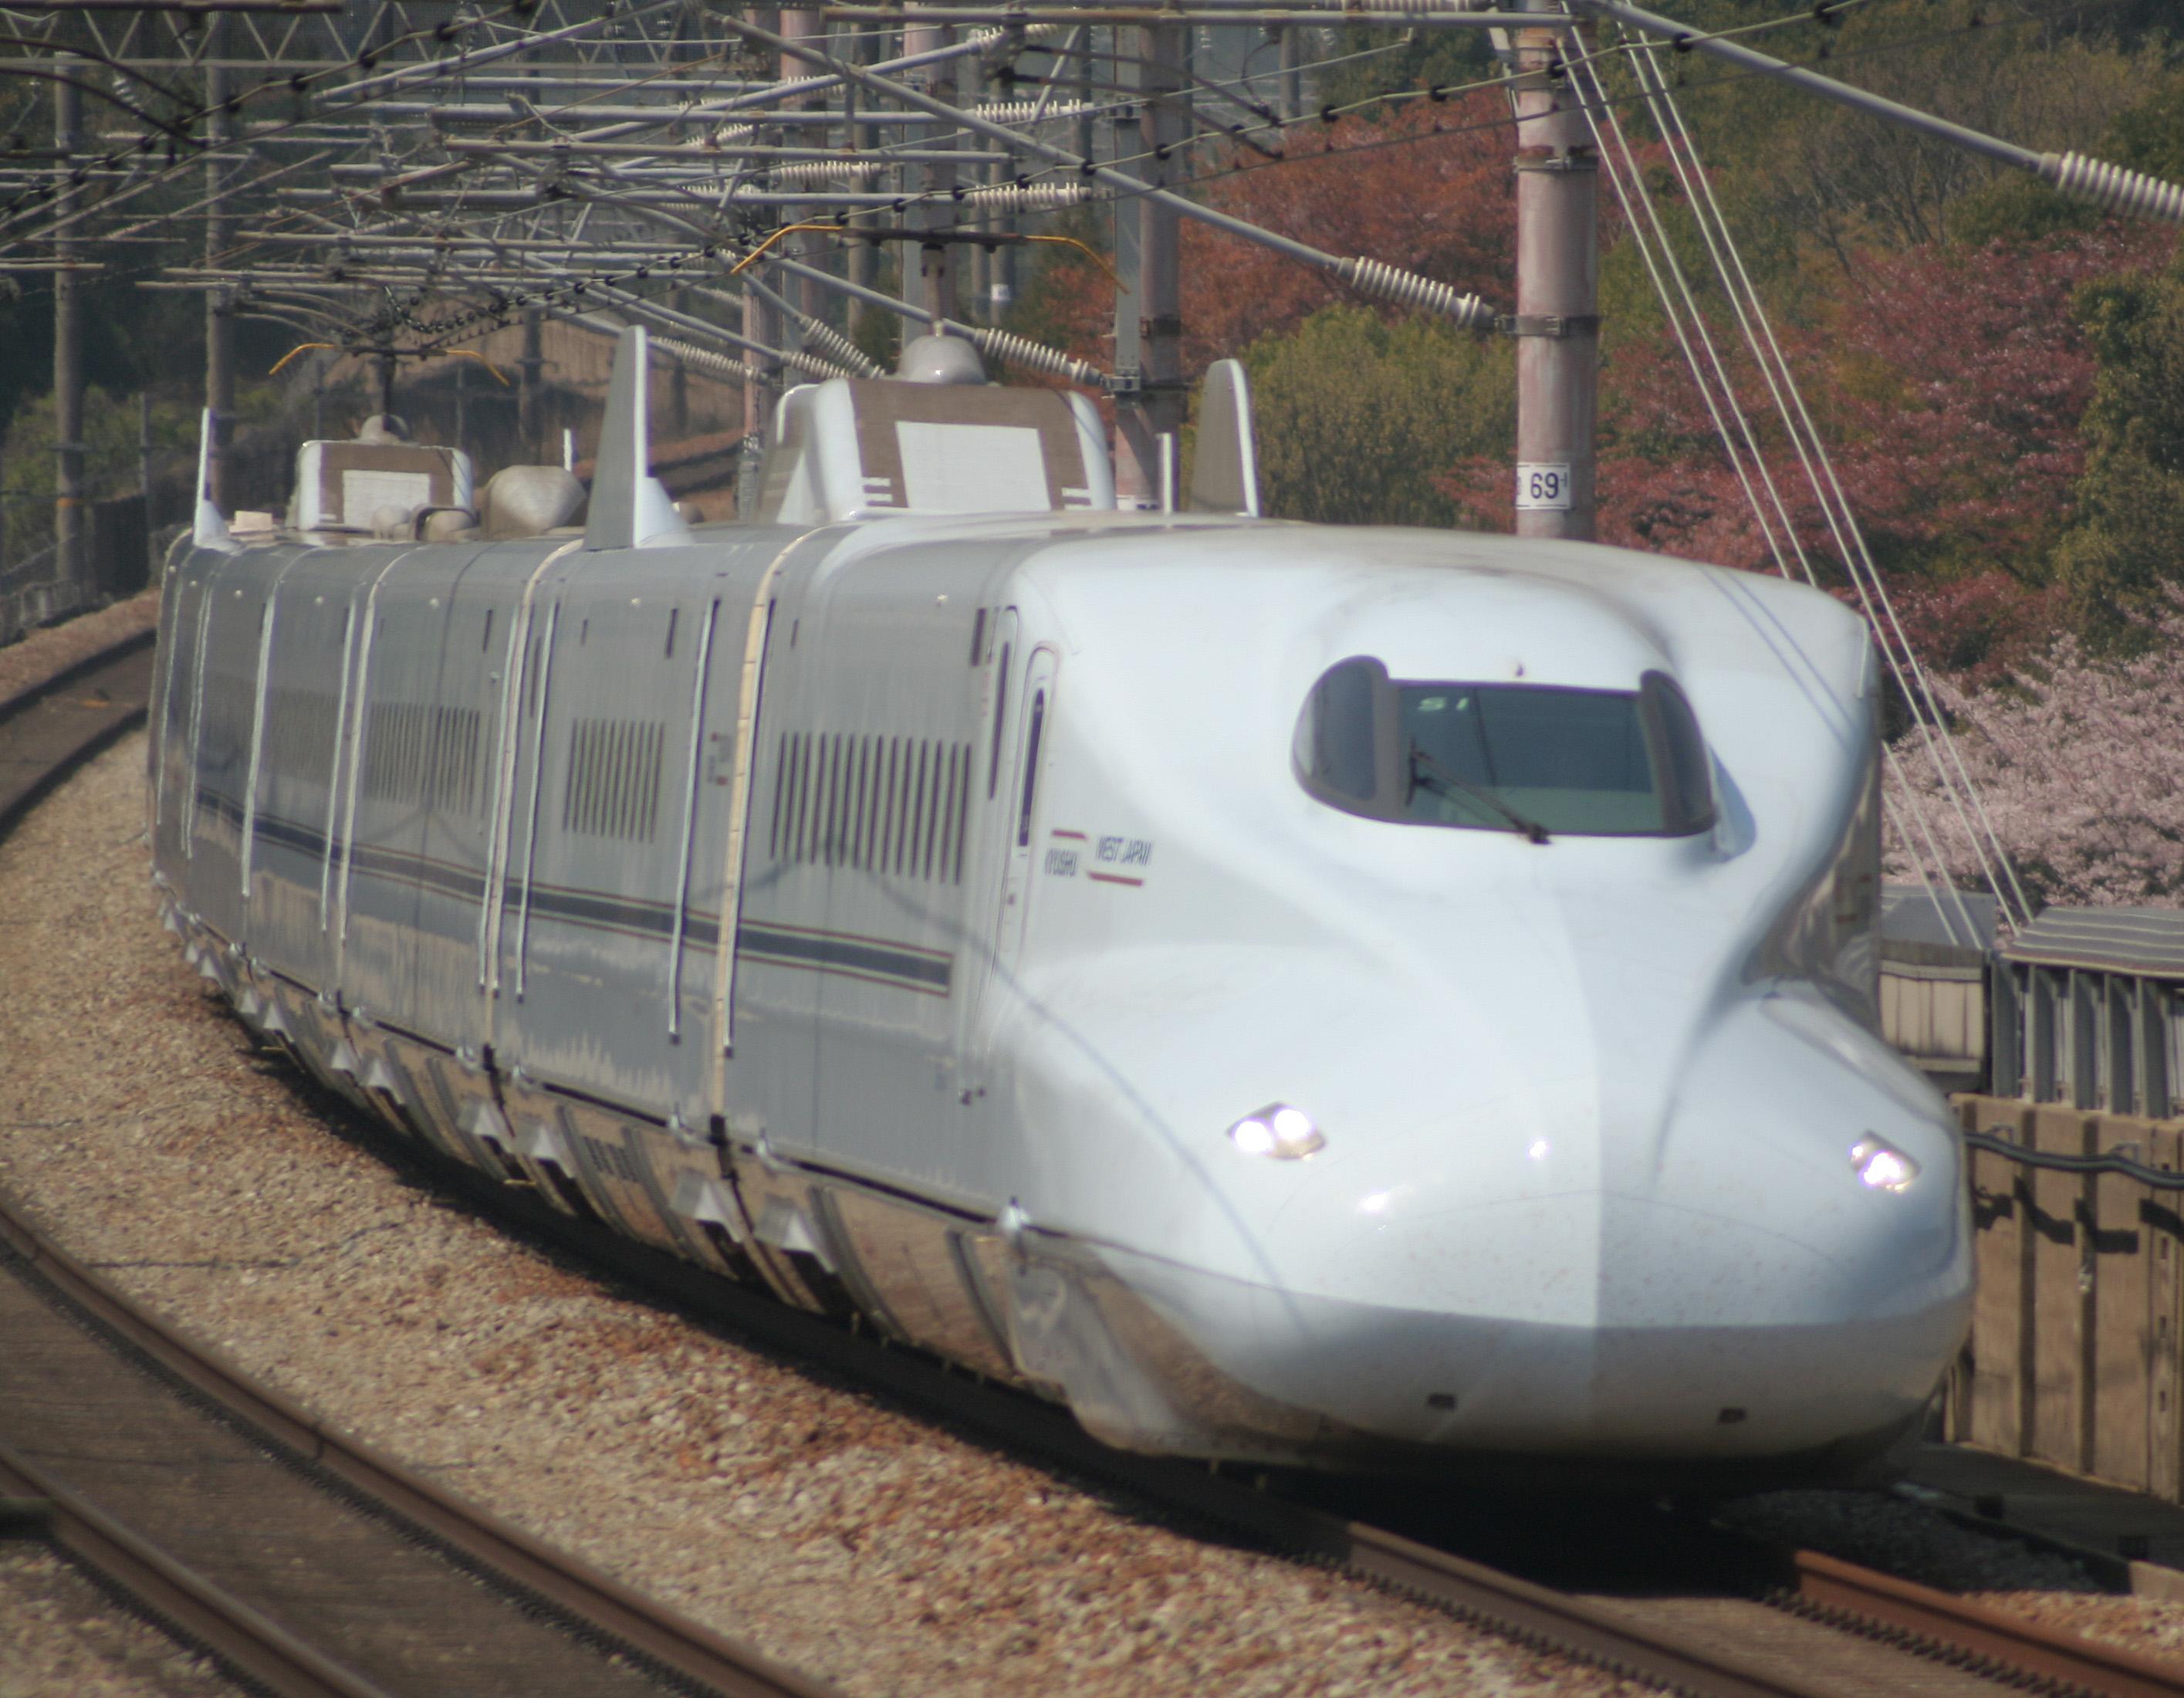 JRW N700-7000series S1.jpg